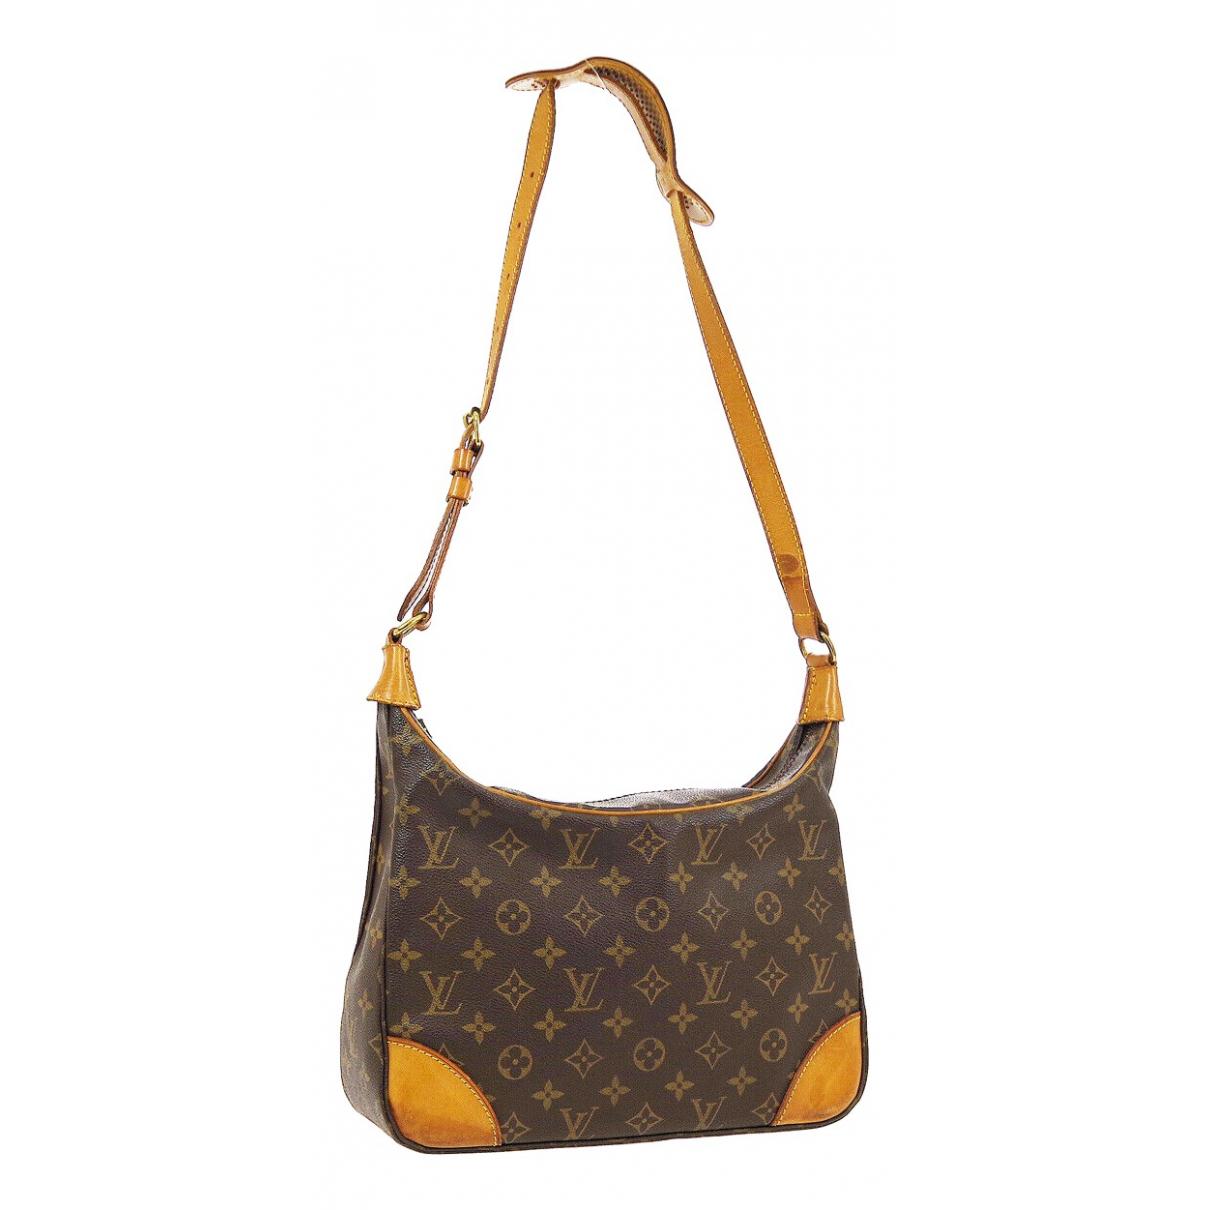 Louis Vuitton - Sac a main Boulogne pour femme en toile - marron